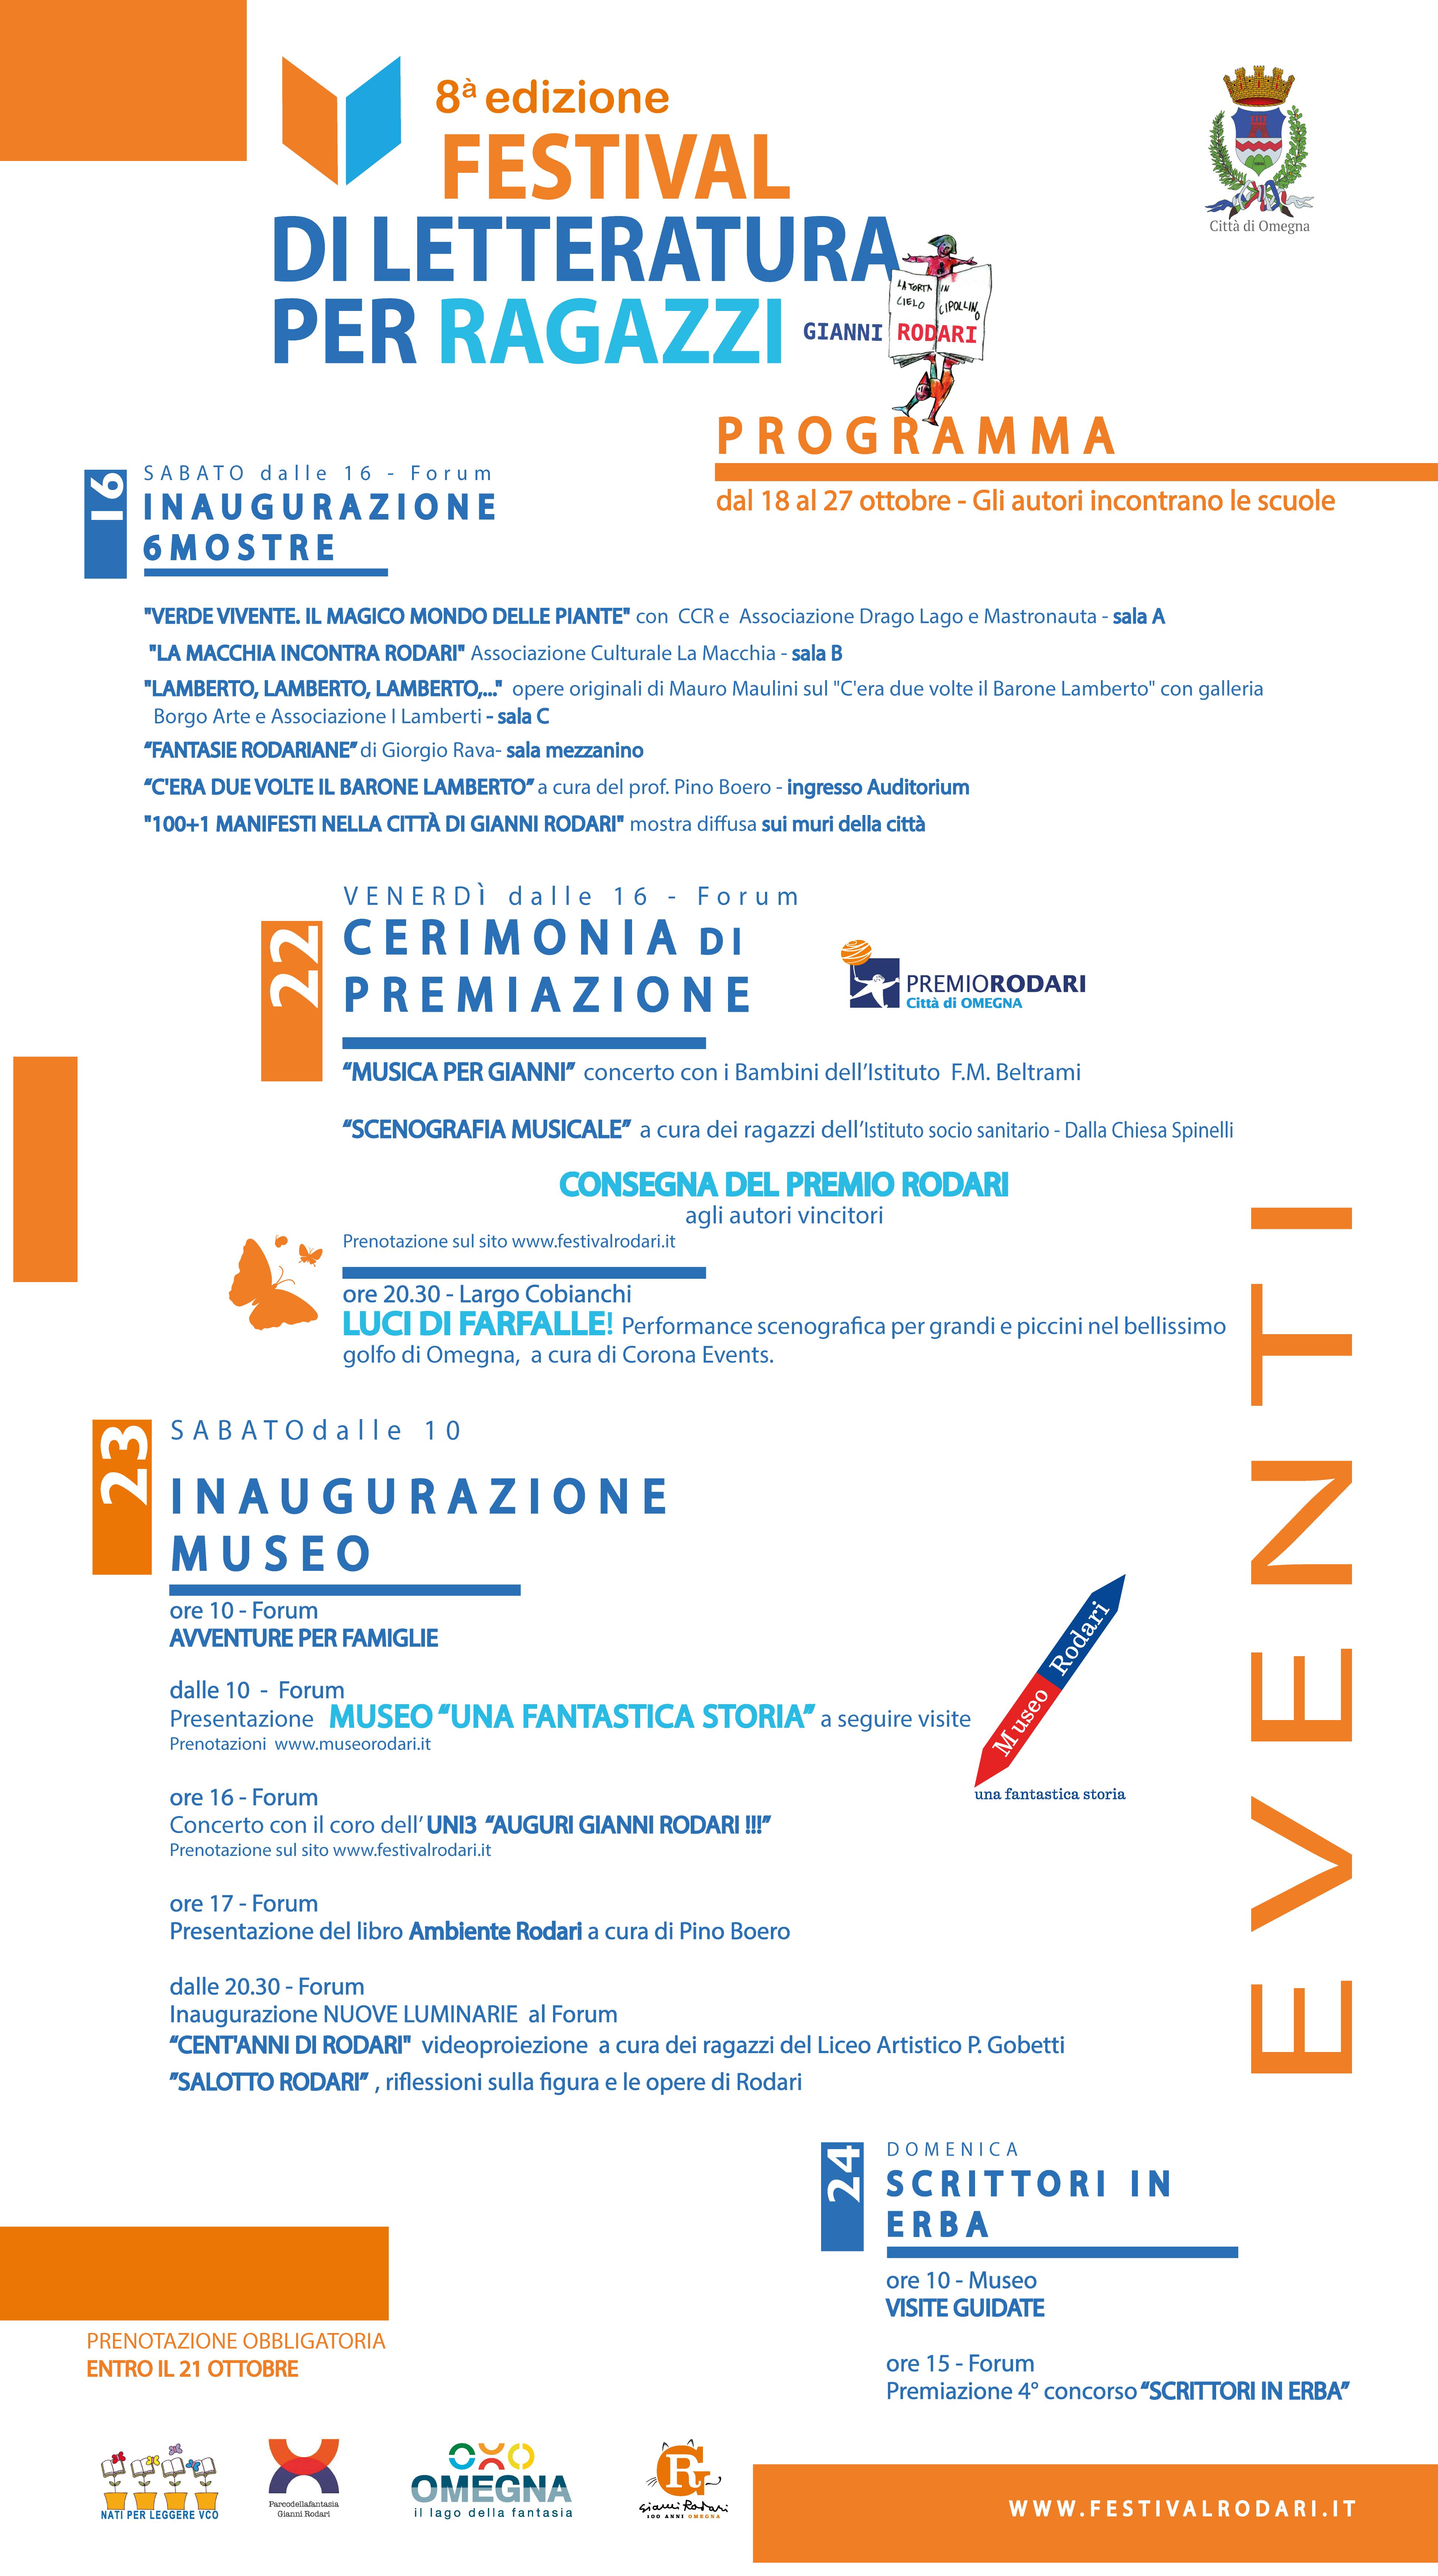 Festival di letteratura per ragazzi 'Gianni Rodari' 2021